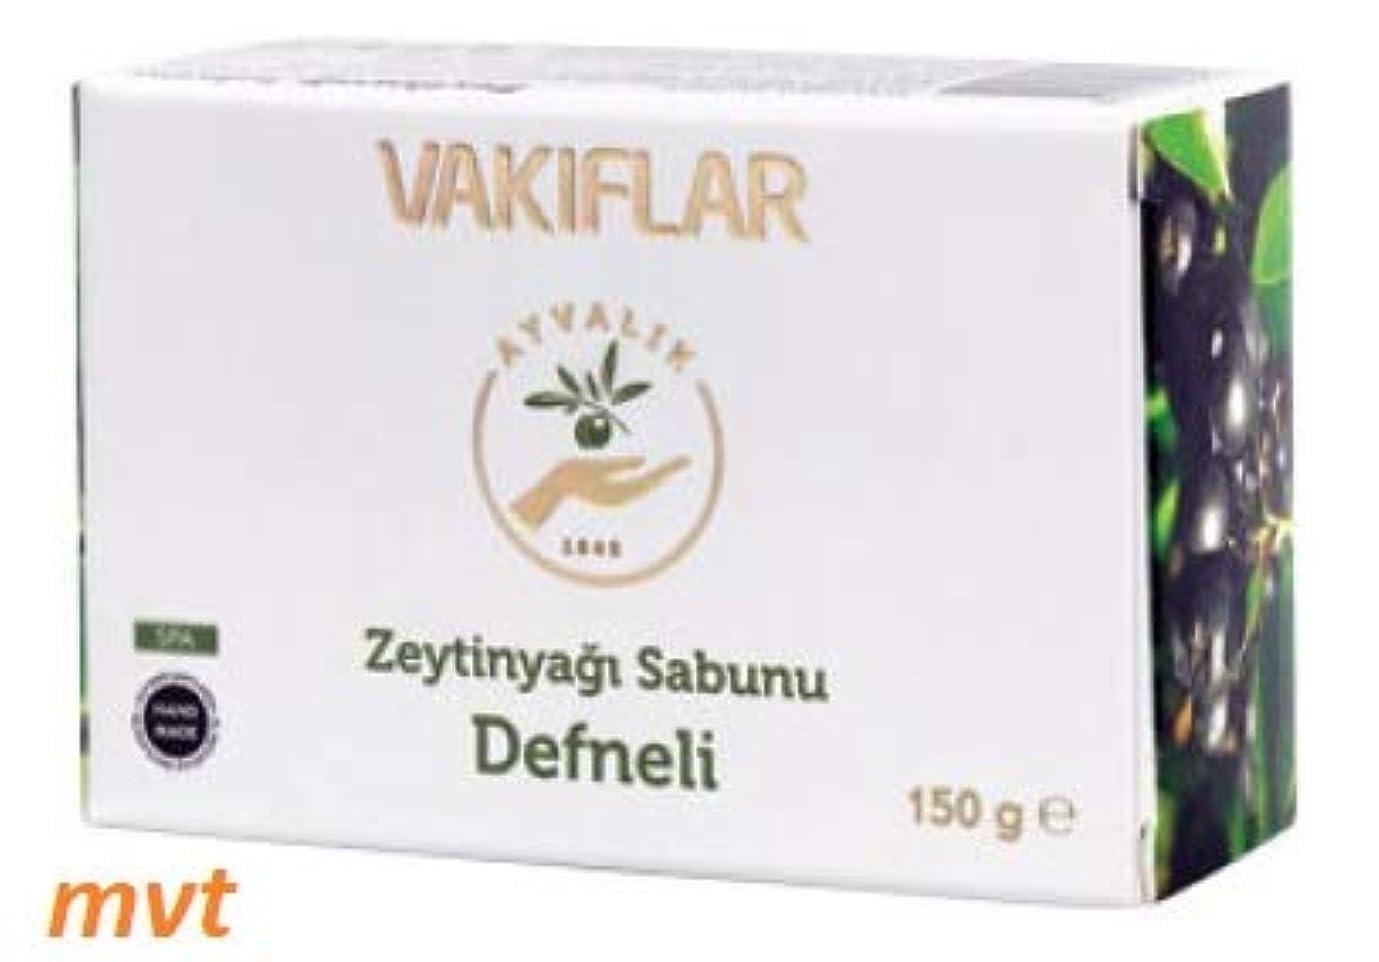 待って上昇請求可能ローレルオリーブオイル石鹸 150g トルコ - Laurel Olive Oil Soap - Defneli Zeytinya?l? Sabun 150g